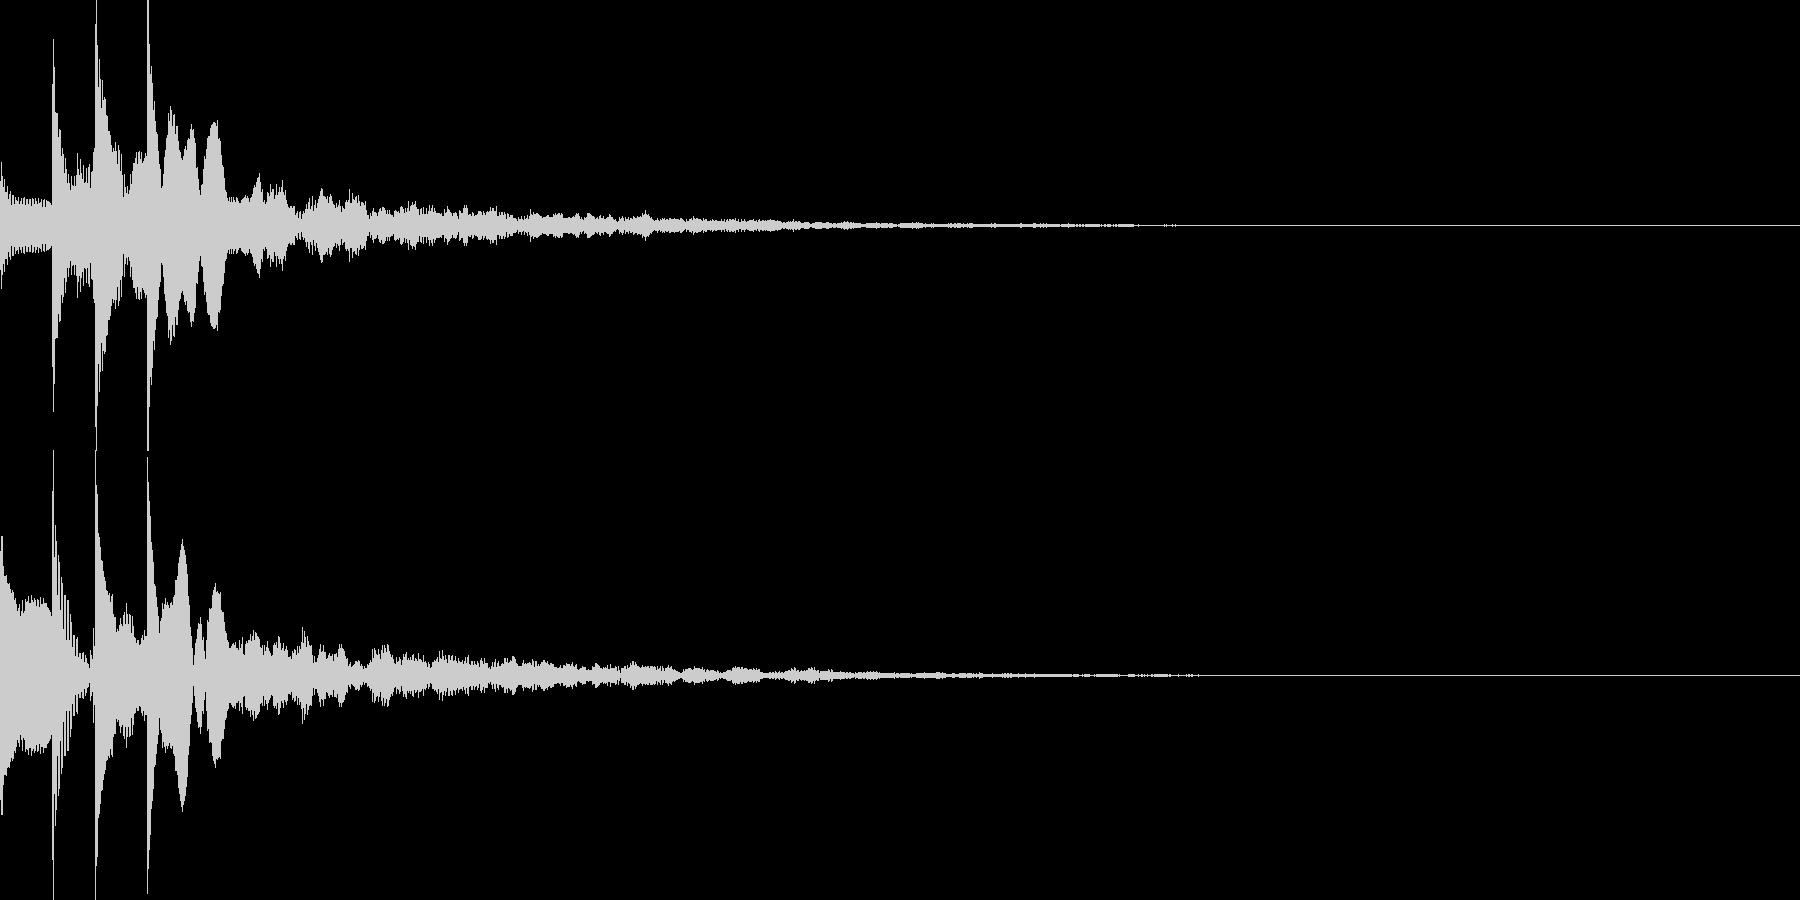 セクション音01の未再生の波形